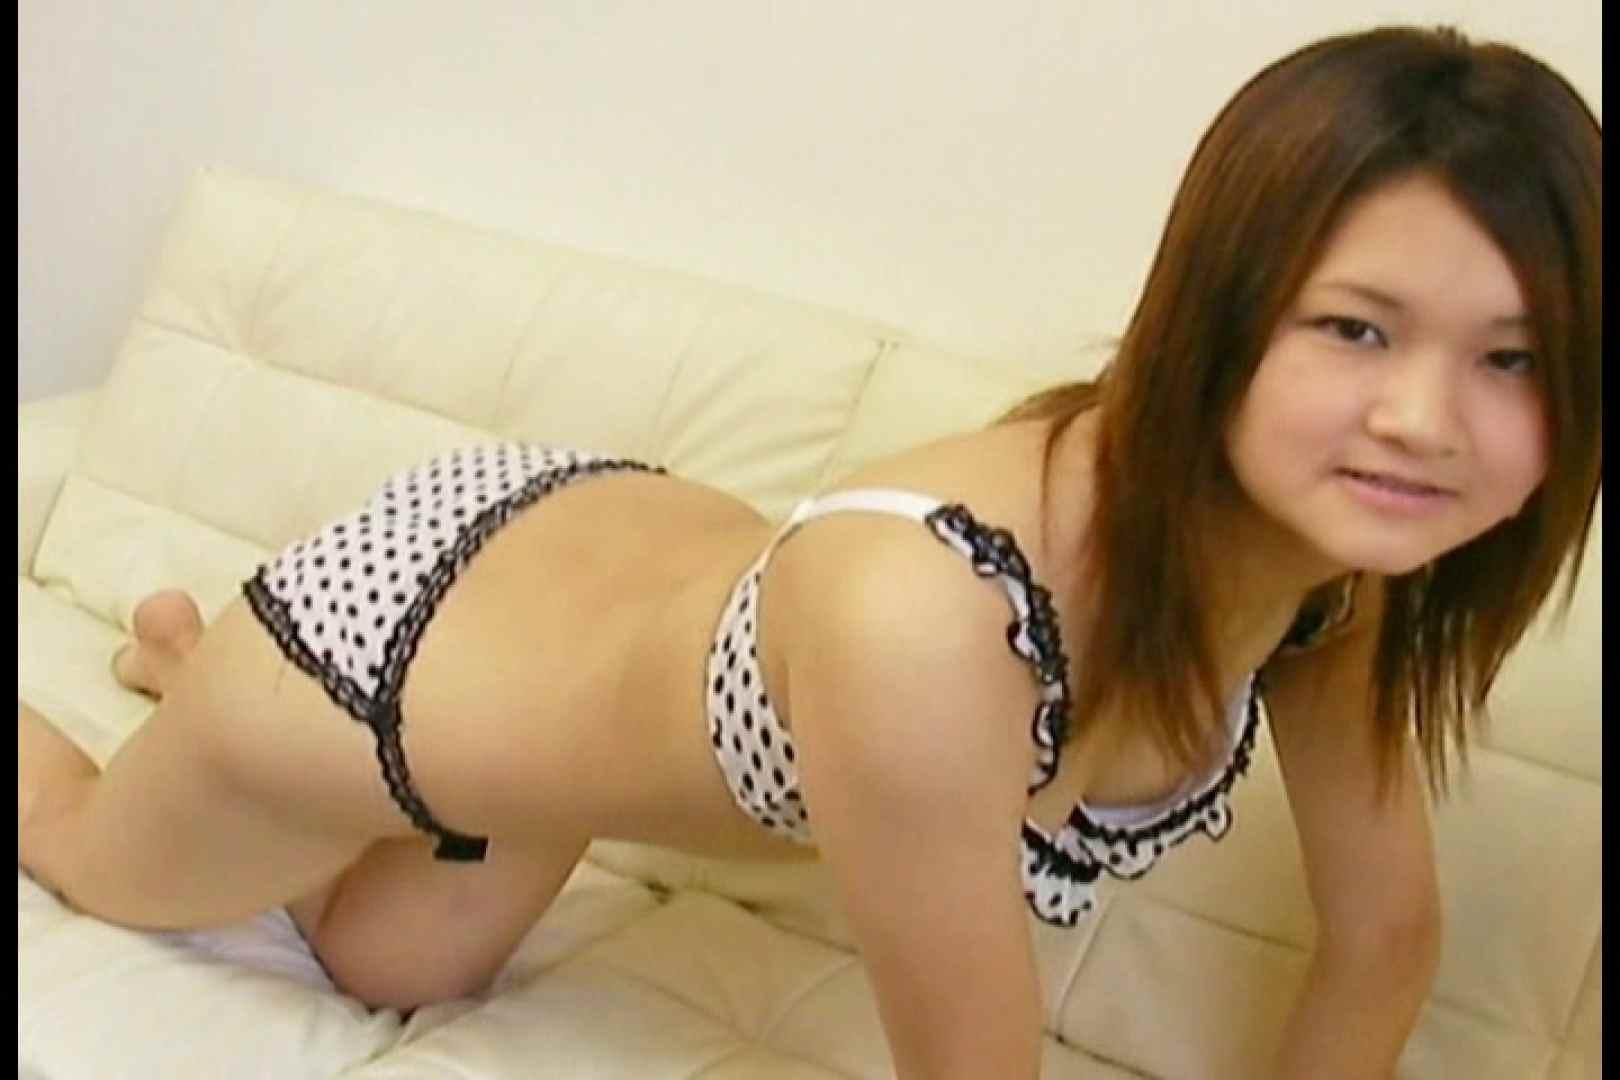 素人撮影 下着だけの撮影のはずが・・・仮名リョウコ23歳 投稿映像 ワレメ無修正動画無料 75pic 44